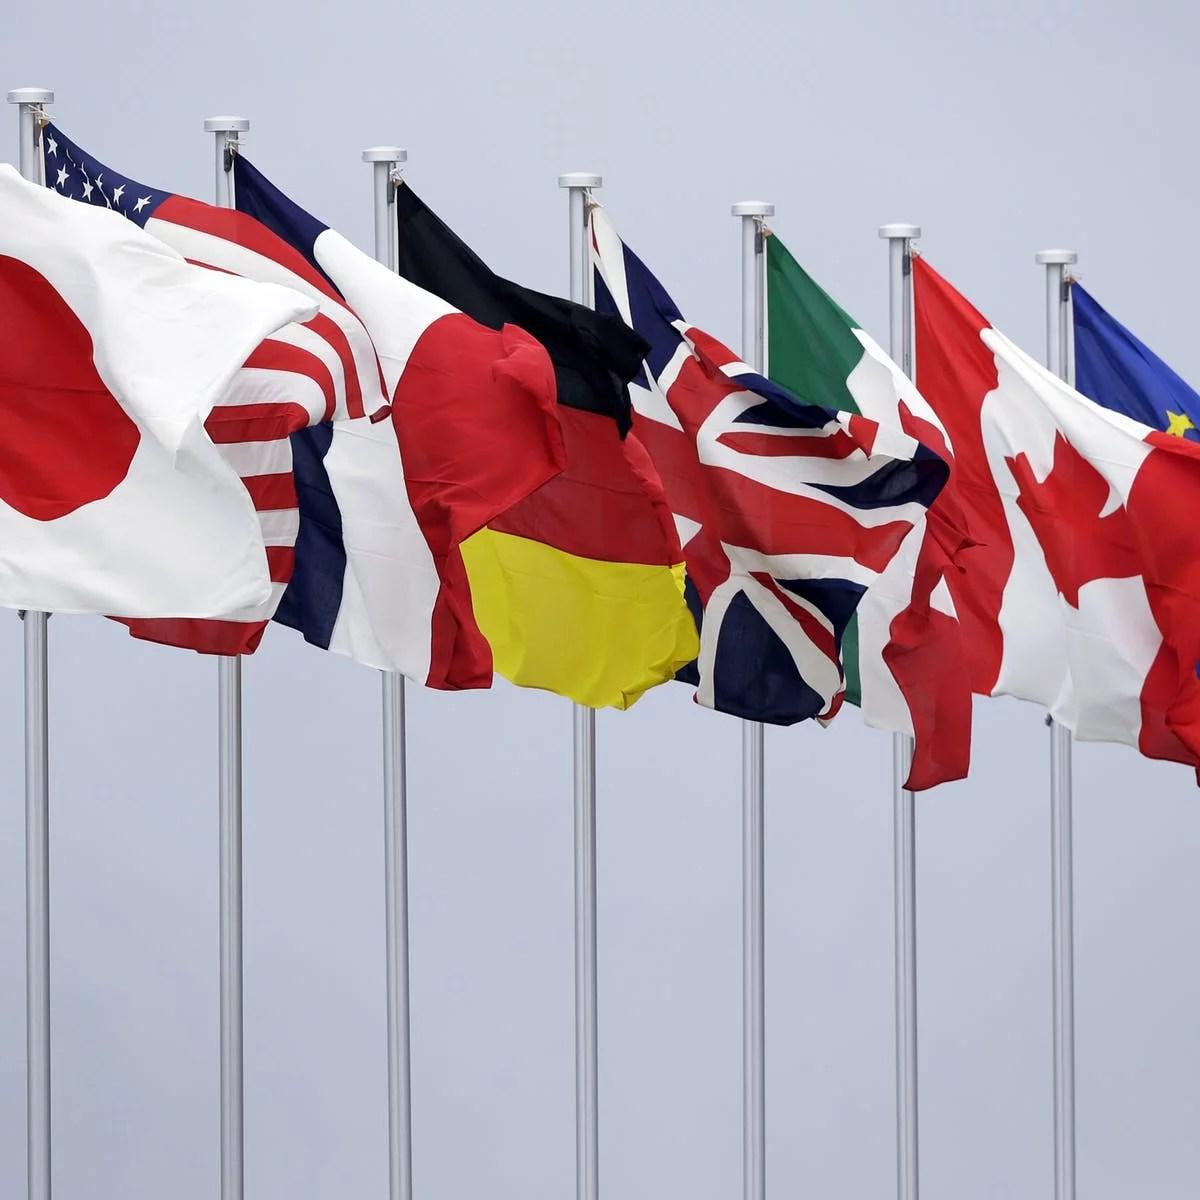 Miembros del G7 analizan las monedas estables globales como un riesgo para la estabilidad financiera